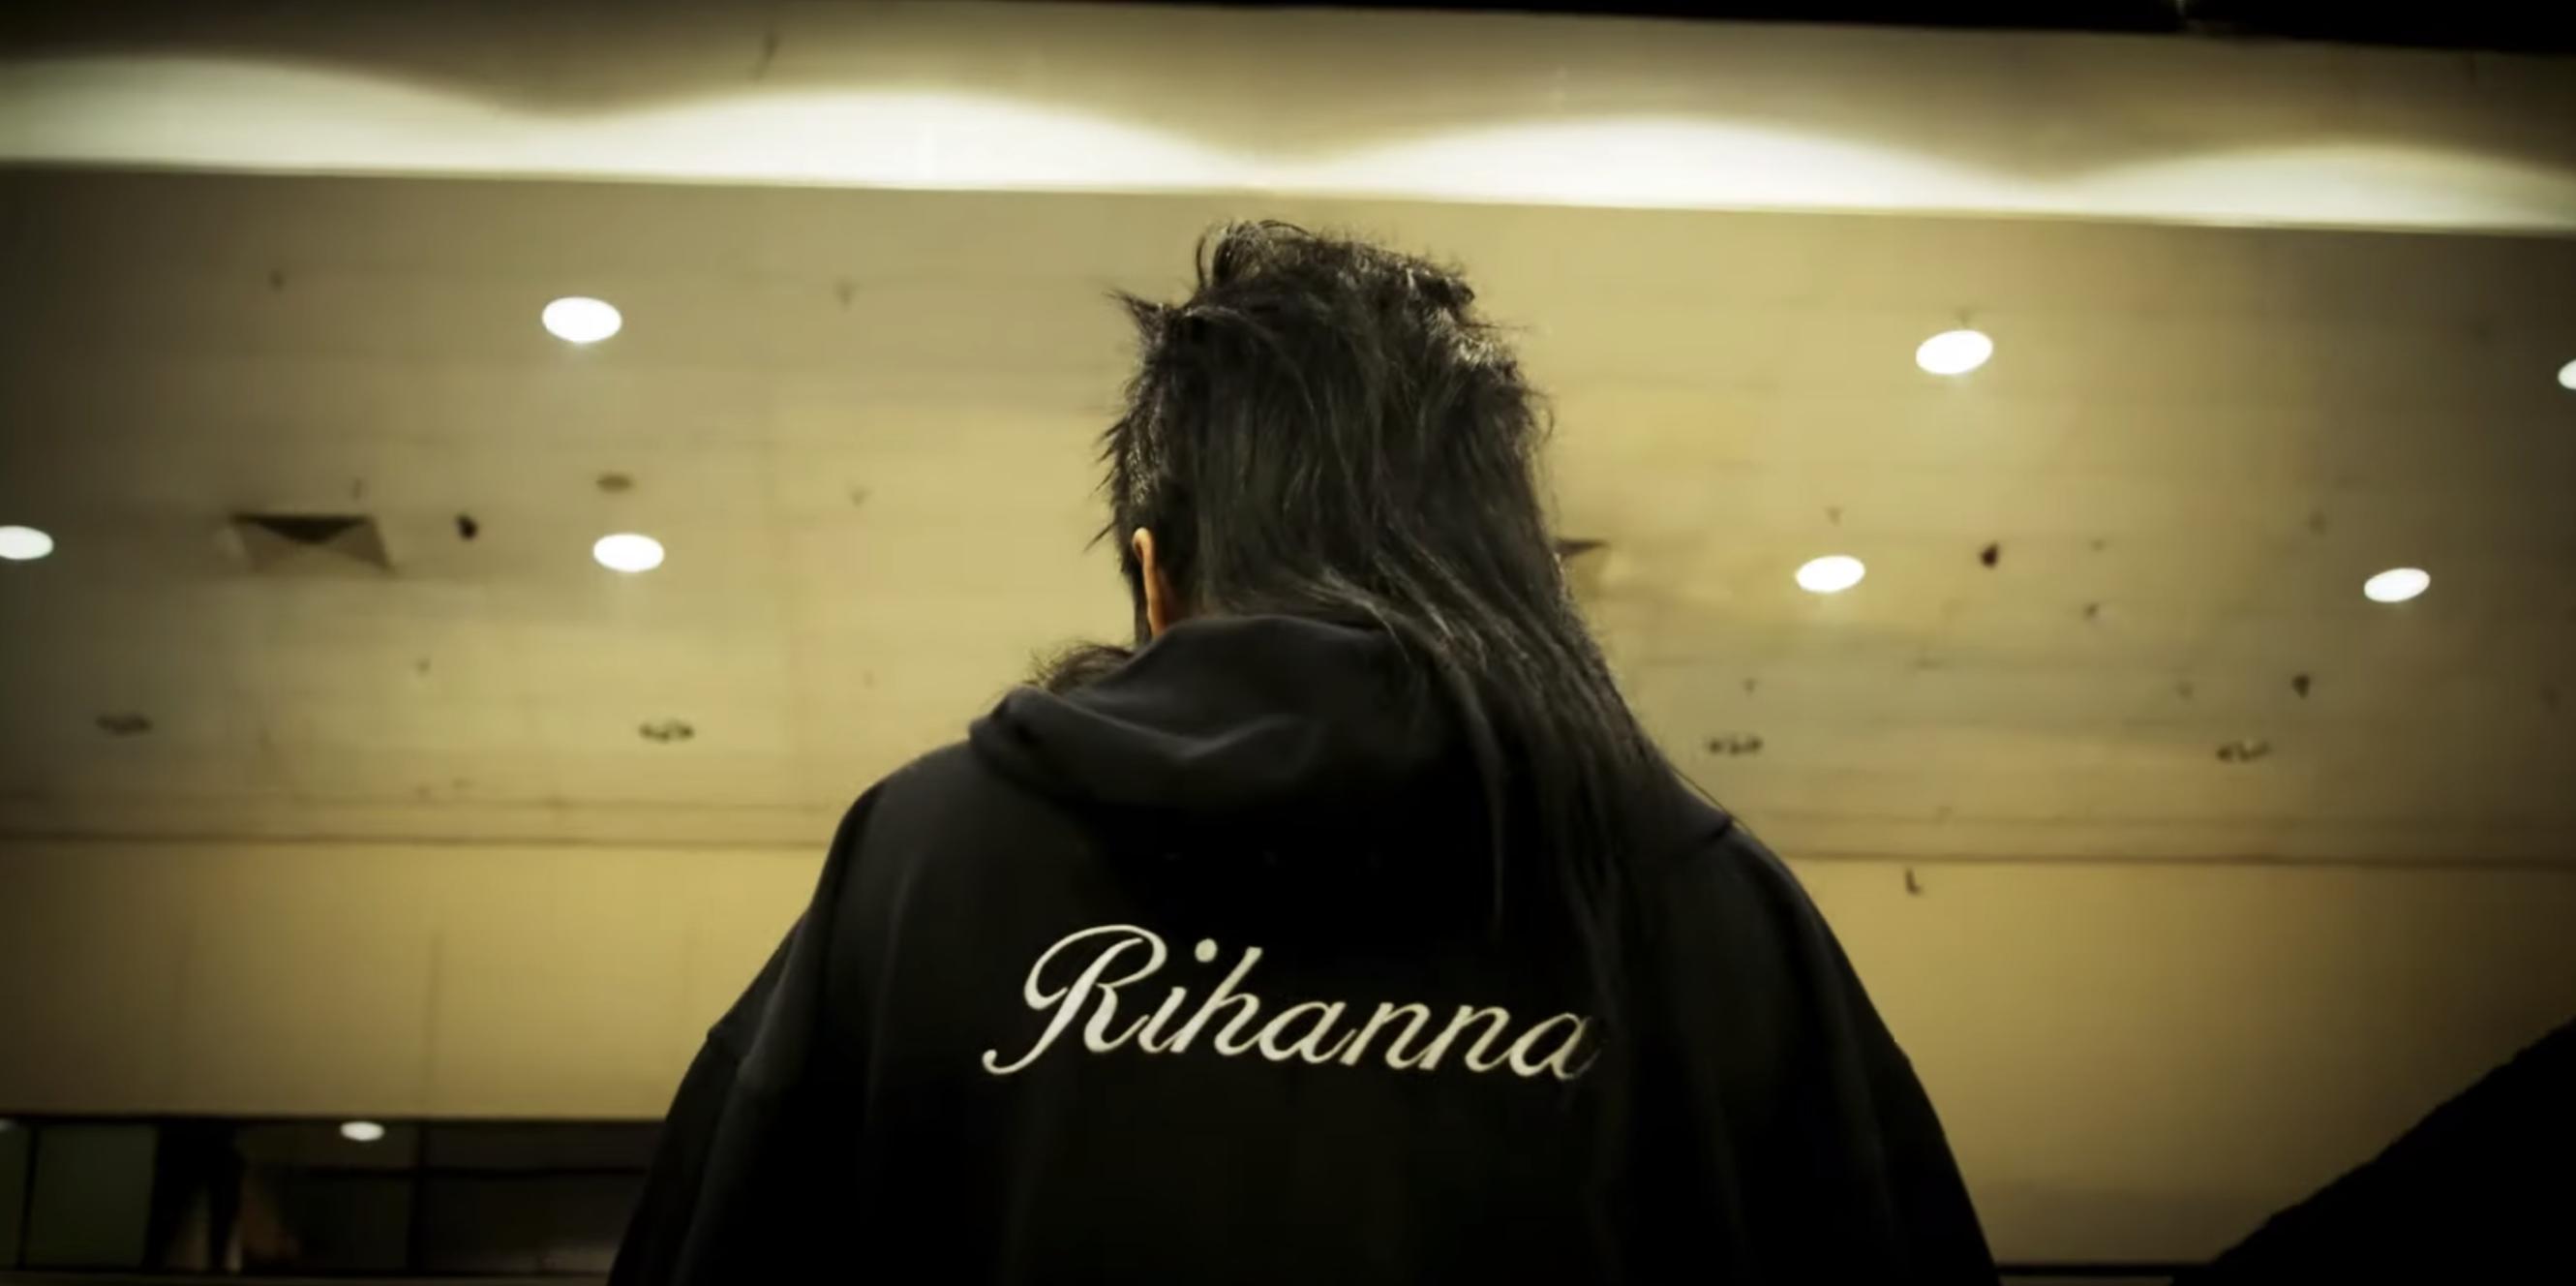 So, Rihanna Has a Mullet Again - HarpersBAZAAR.com